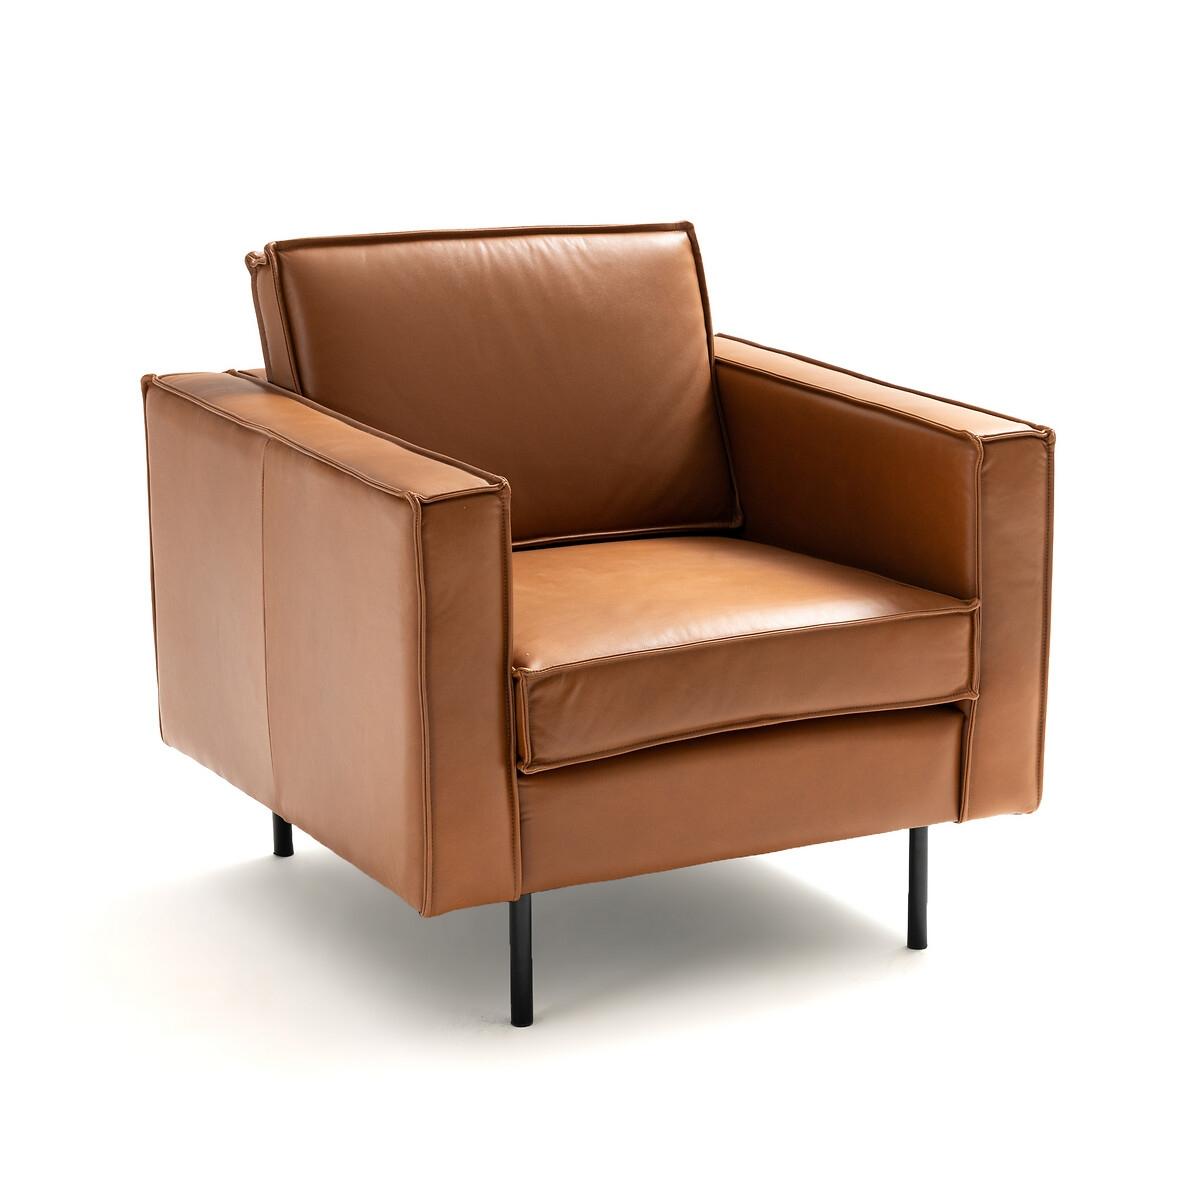 Кресло LaRedoute Из кожи Peter единый размер каштановый